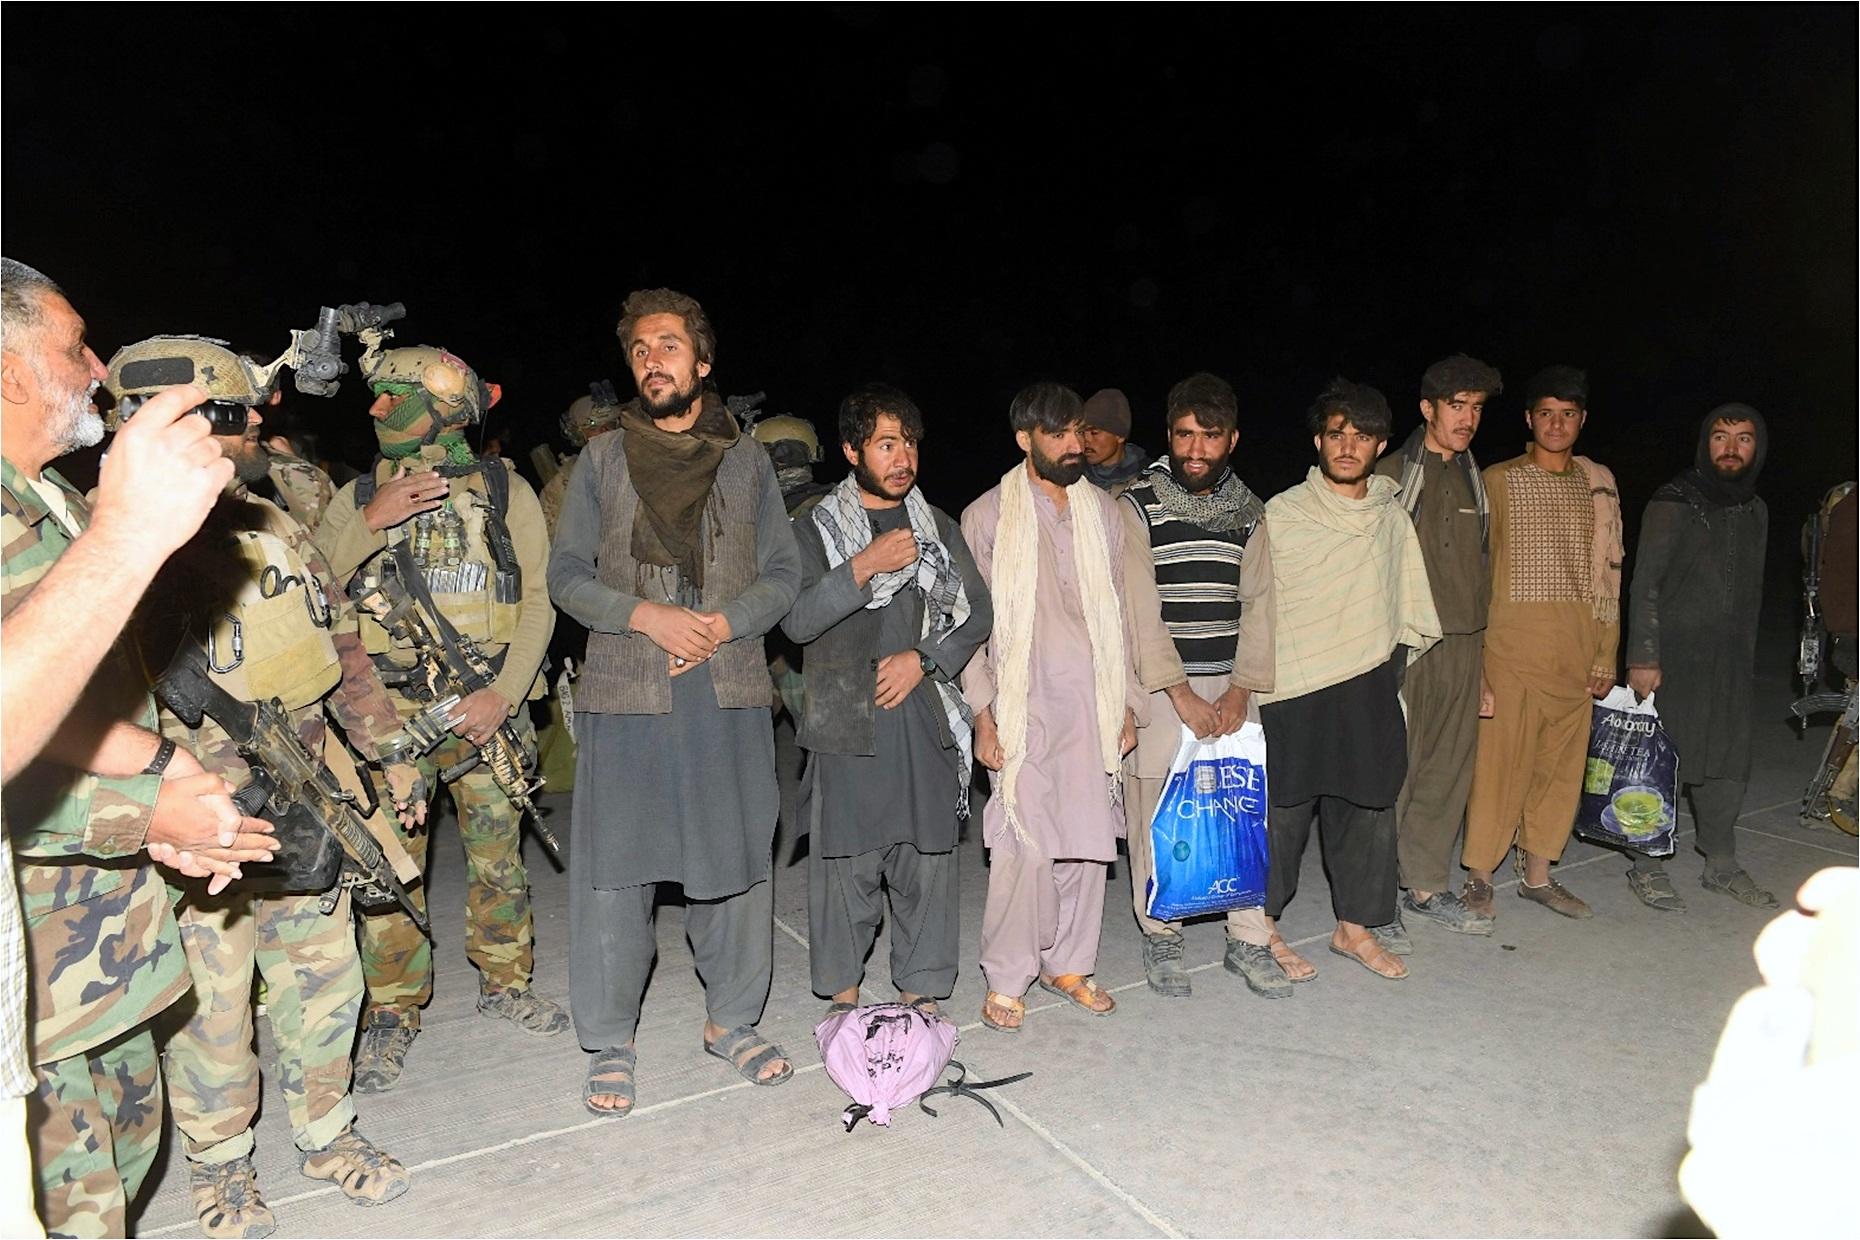 زندانیان آزاد شده از زندان های طالبان شرح حال شان را بیان می کنند